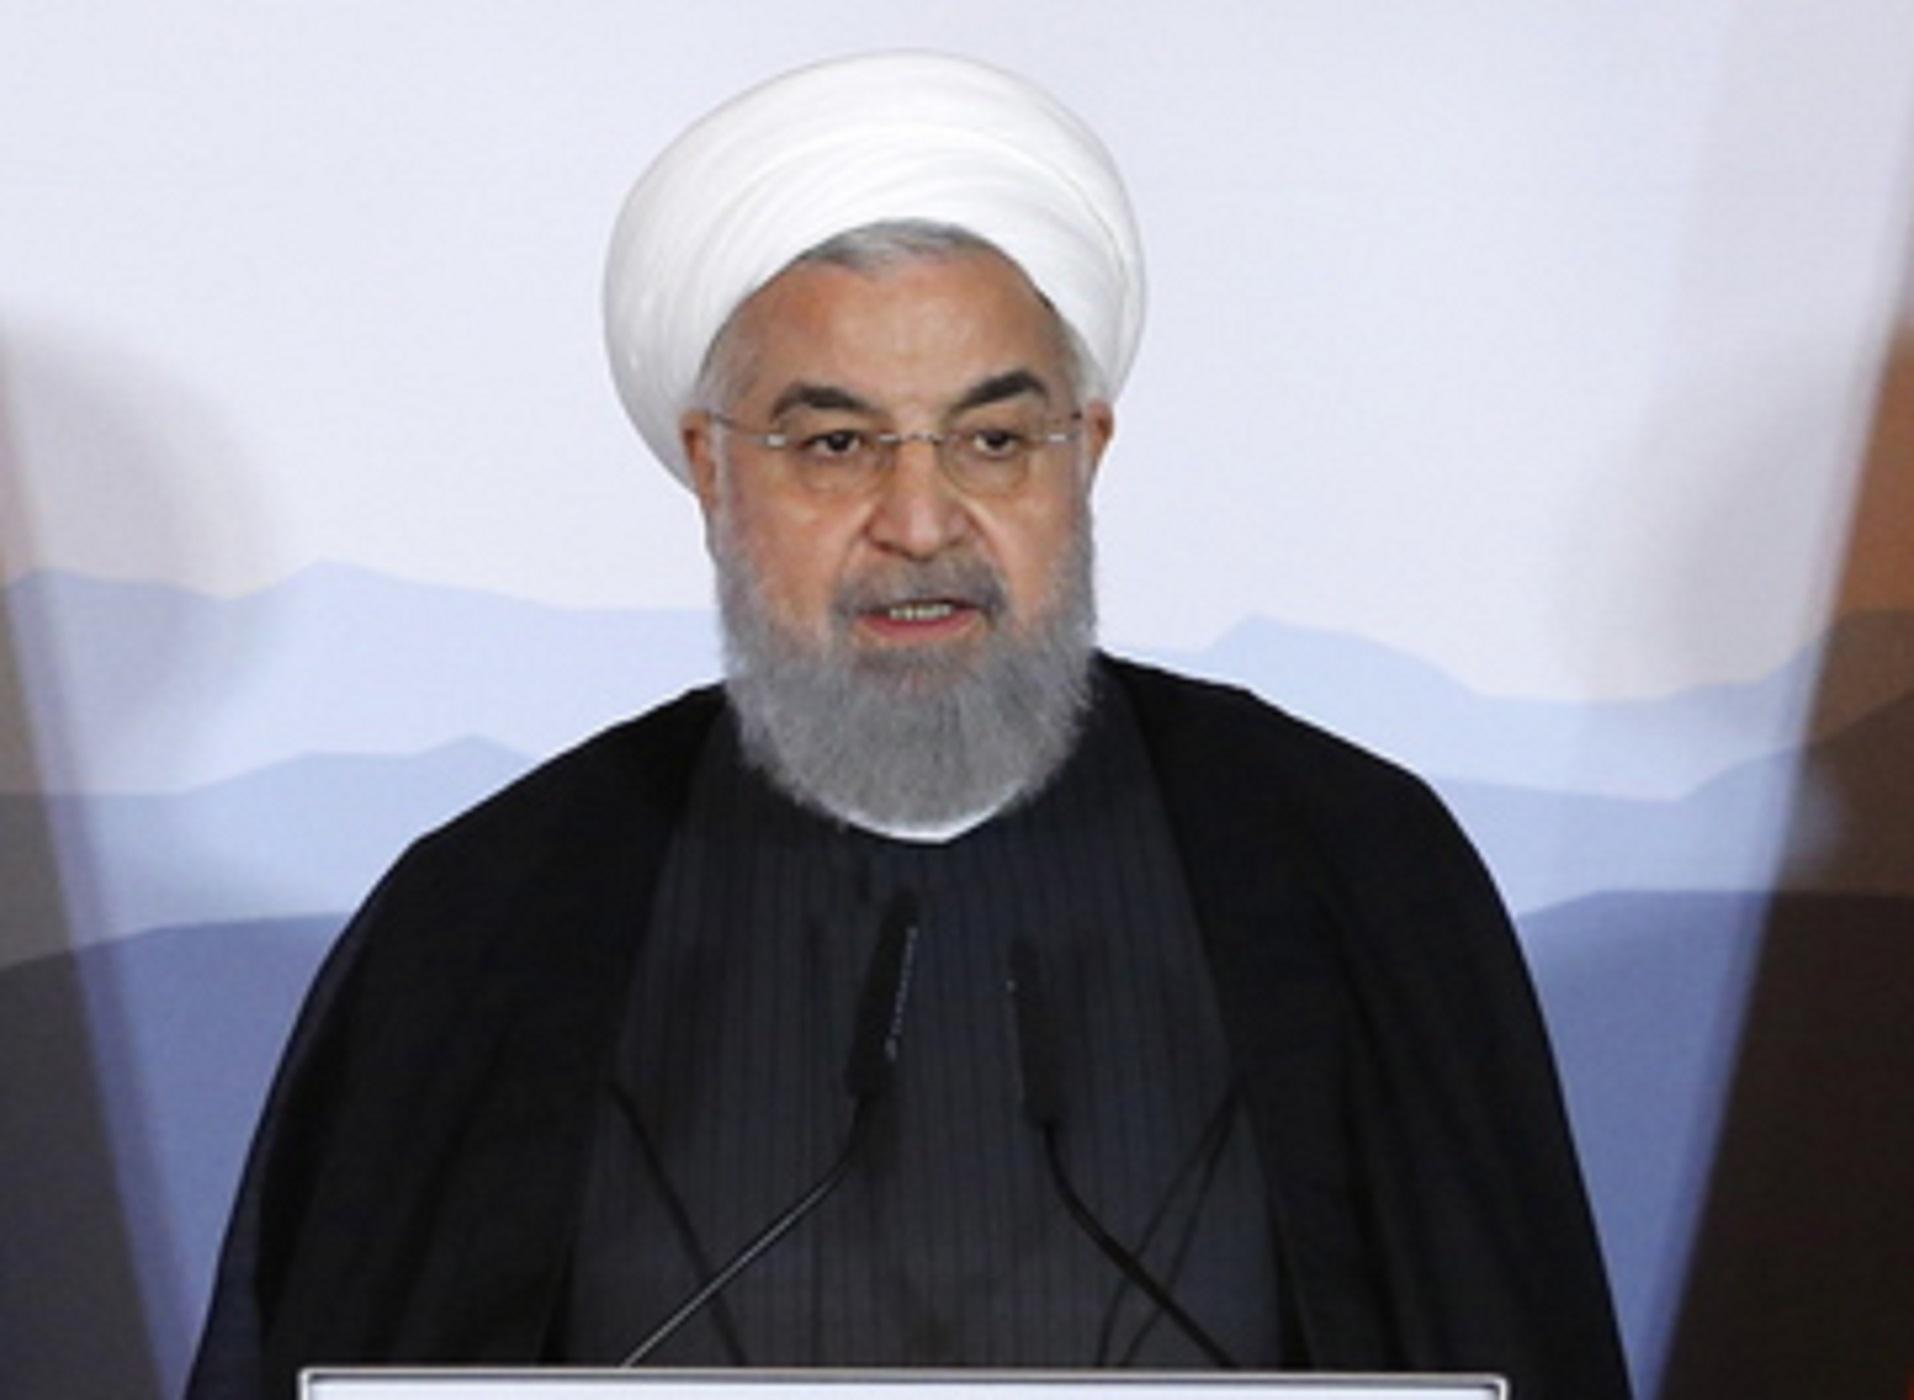 Ροχανί: Άνοιξε ένα νέο κεφάλαιο στις συνομιλίες για το πυρηνικό πρόγραμμα του Ιράν